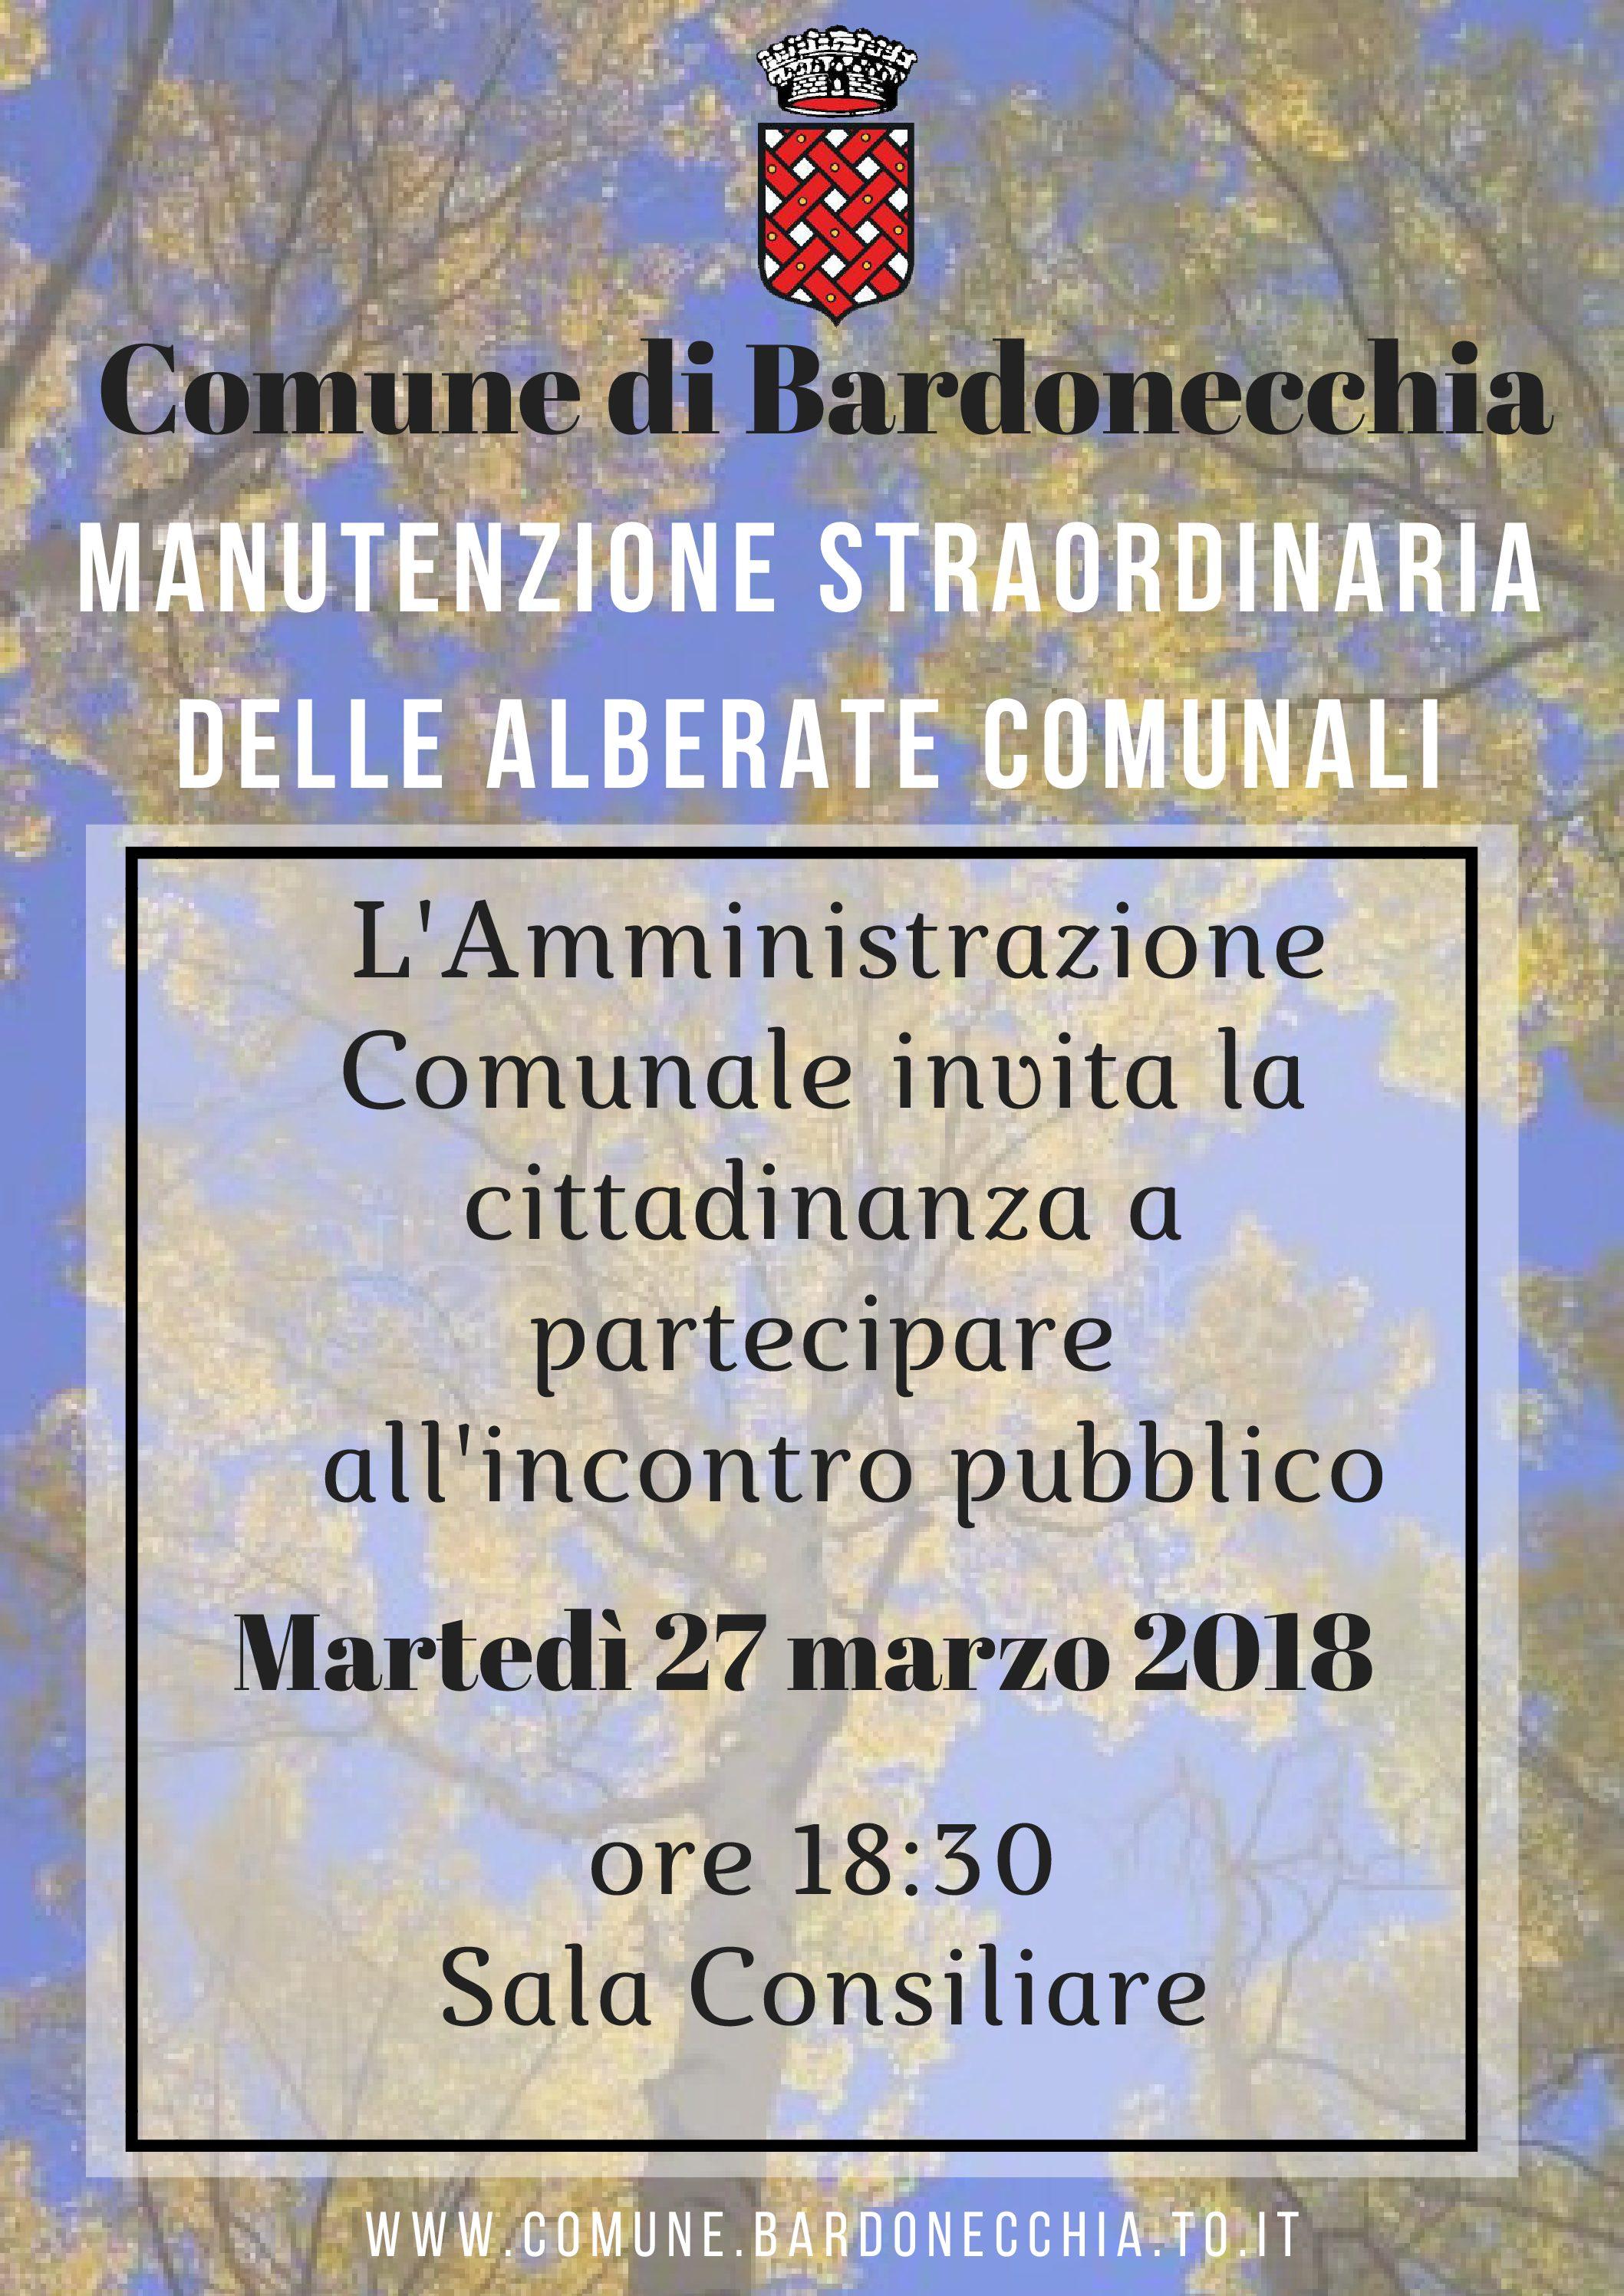 27/03/2018 ORE 18.30 – INCONTRO PUBBLICO MANUTENZIONE ALBERATE